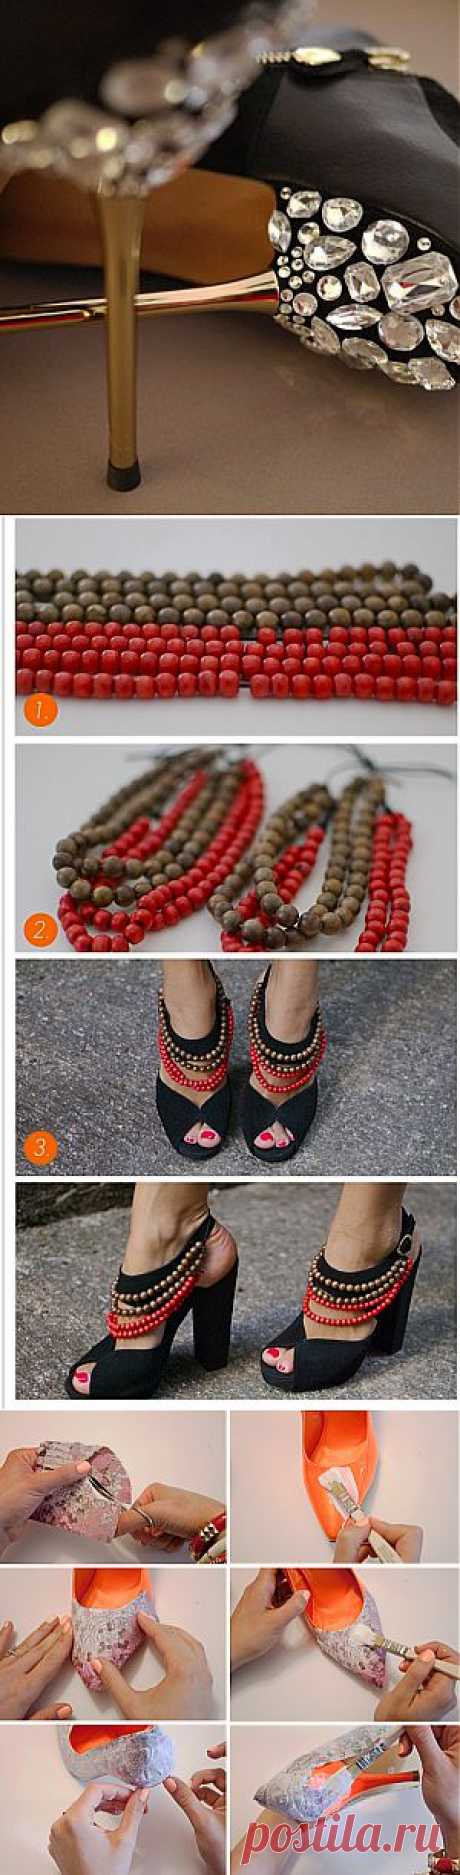 Как украсить старые туфли | Ladies venue